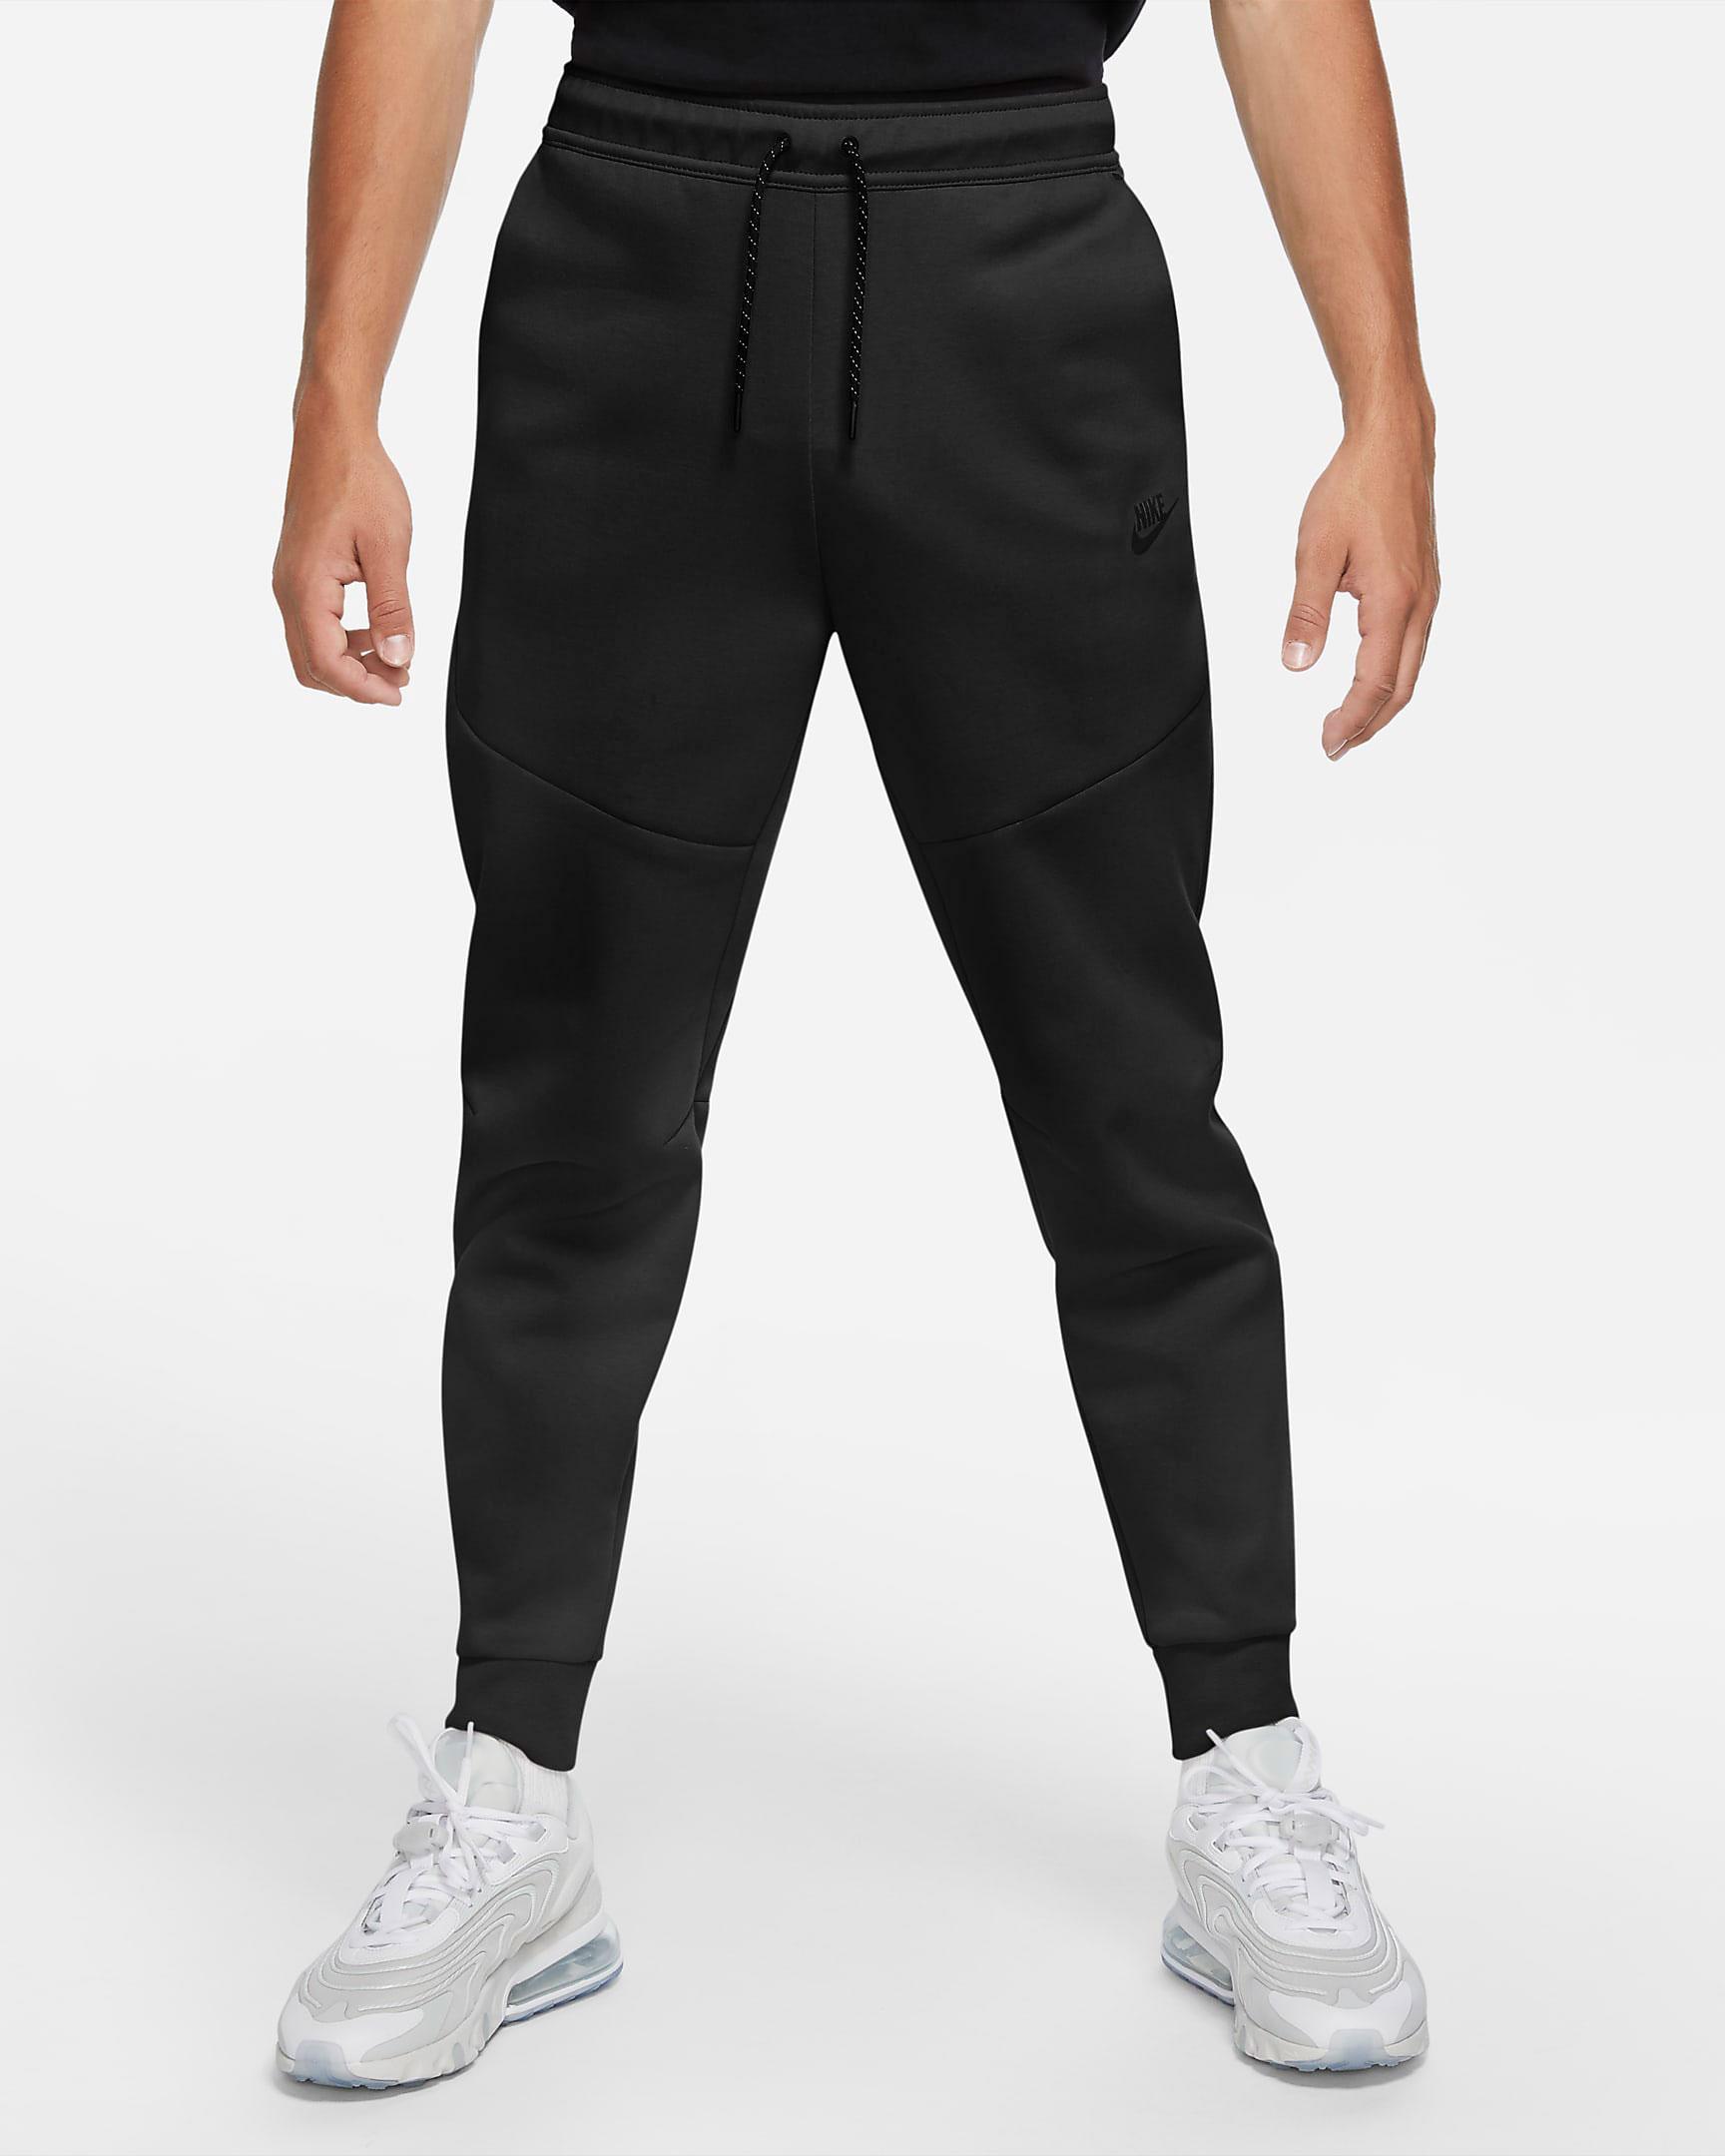 nike-tech-fleece-jogger-pants-black